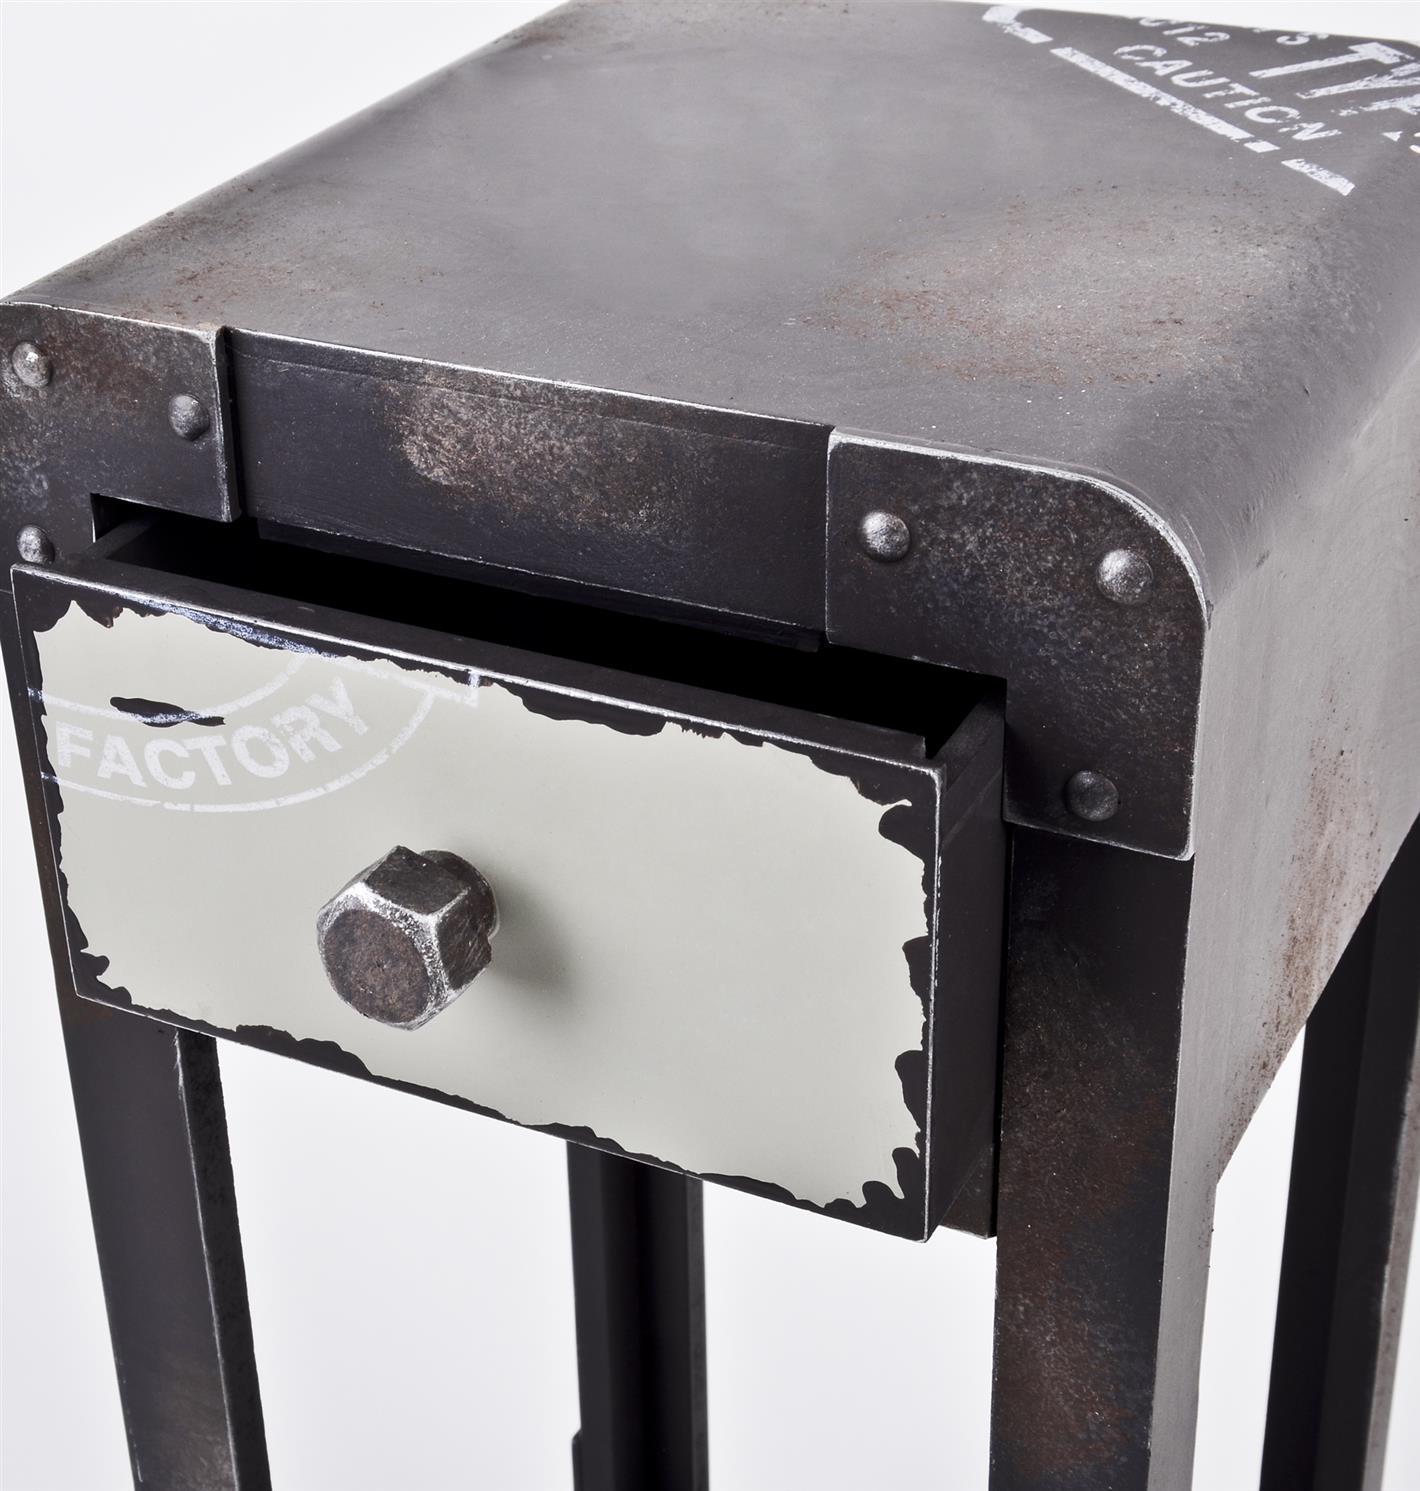 Beistelltisch industrial style tisch container metall 1 for Beistelltisch industrial